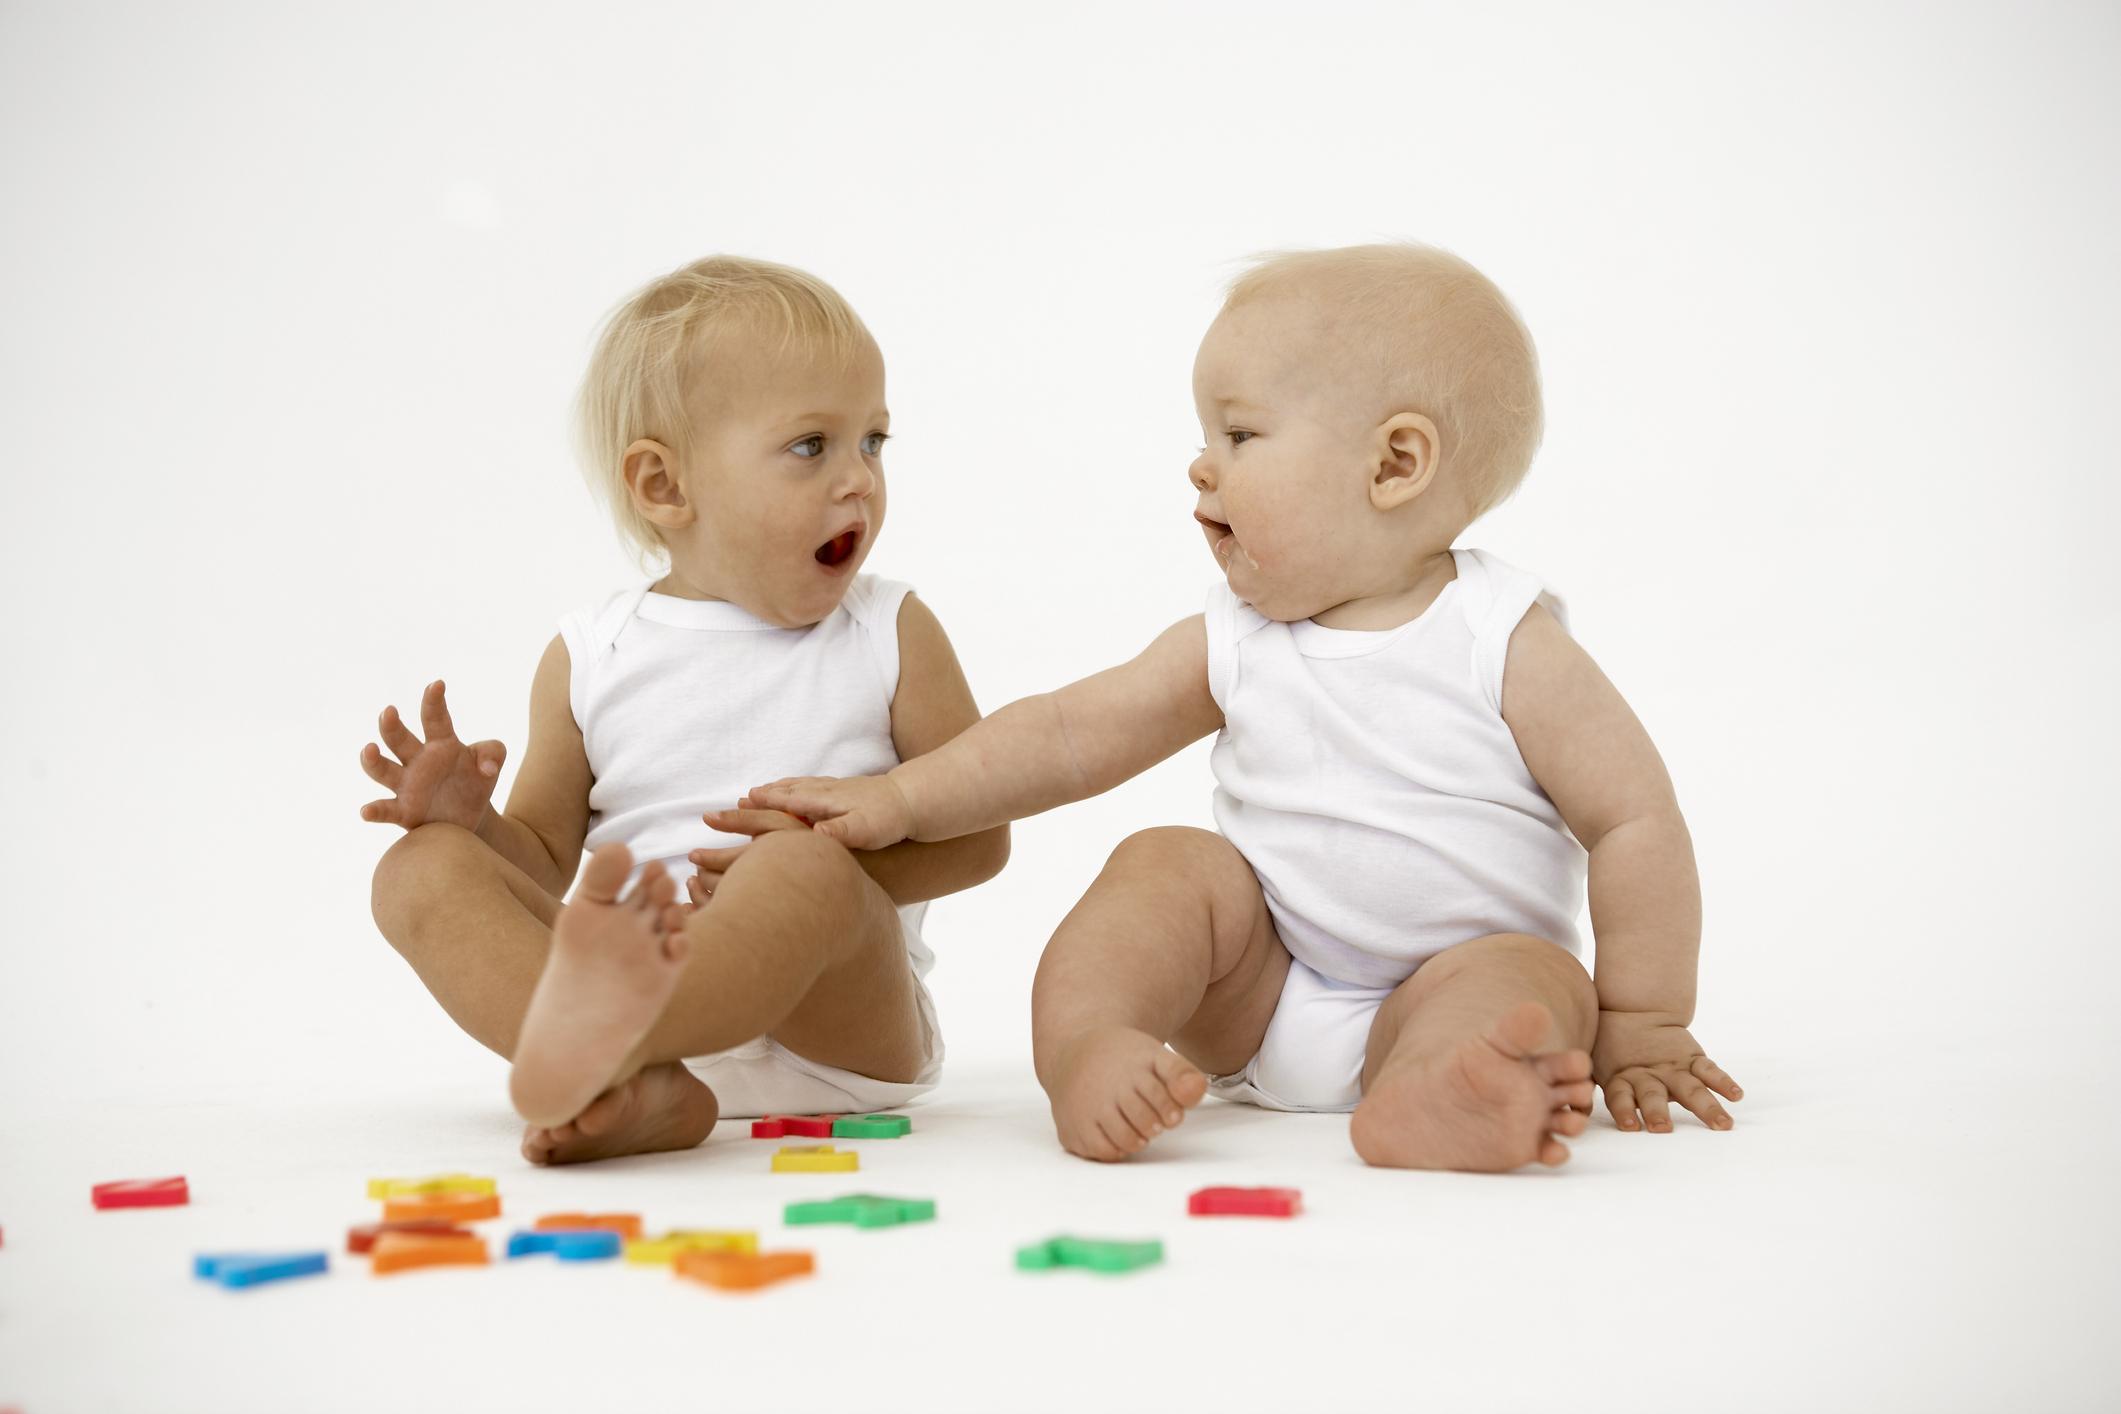 Новорожденный 3 месяца: что умеет? нормы и отклонения в развитии